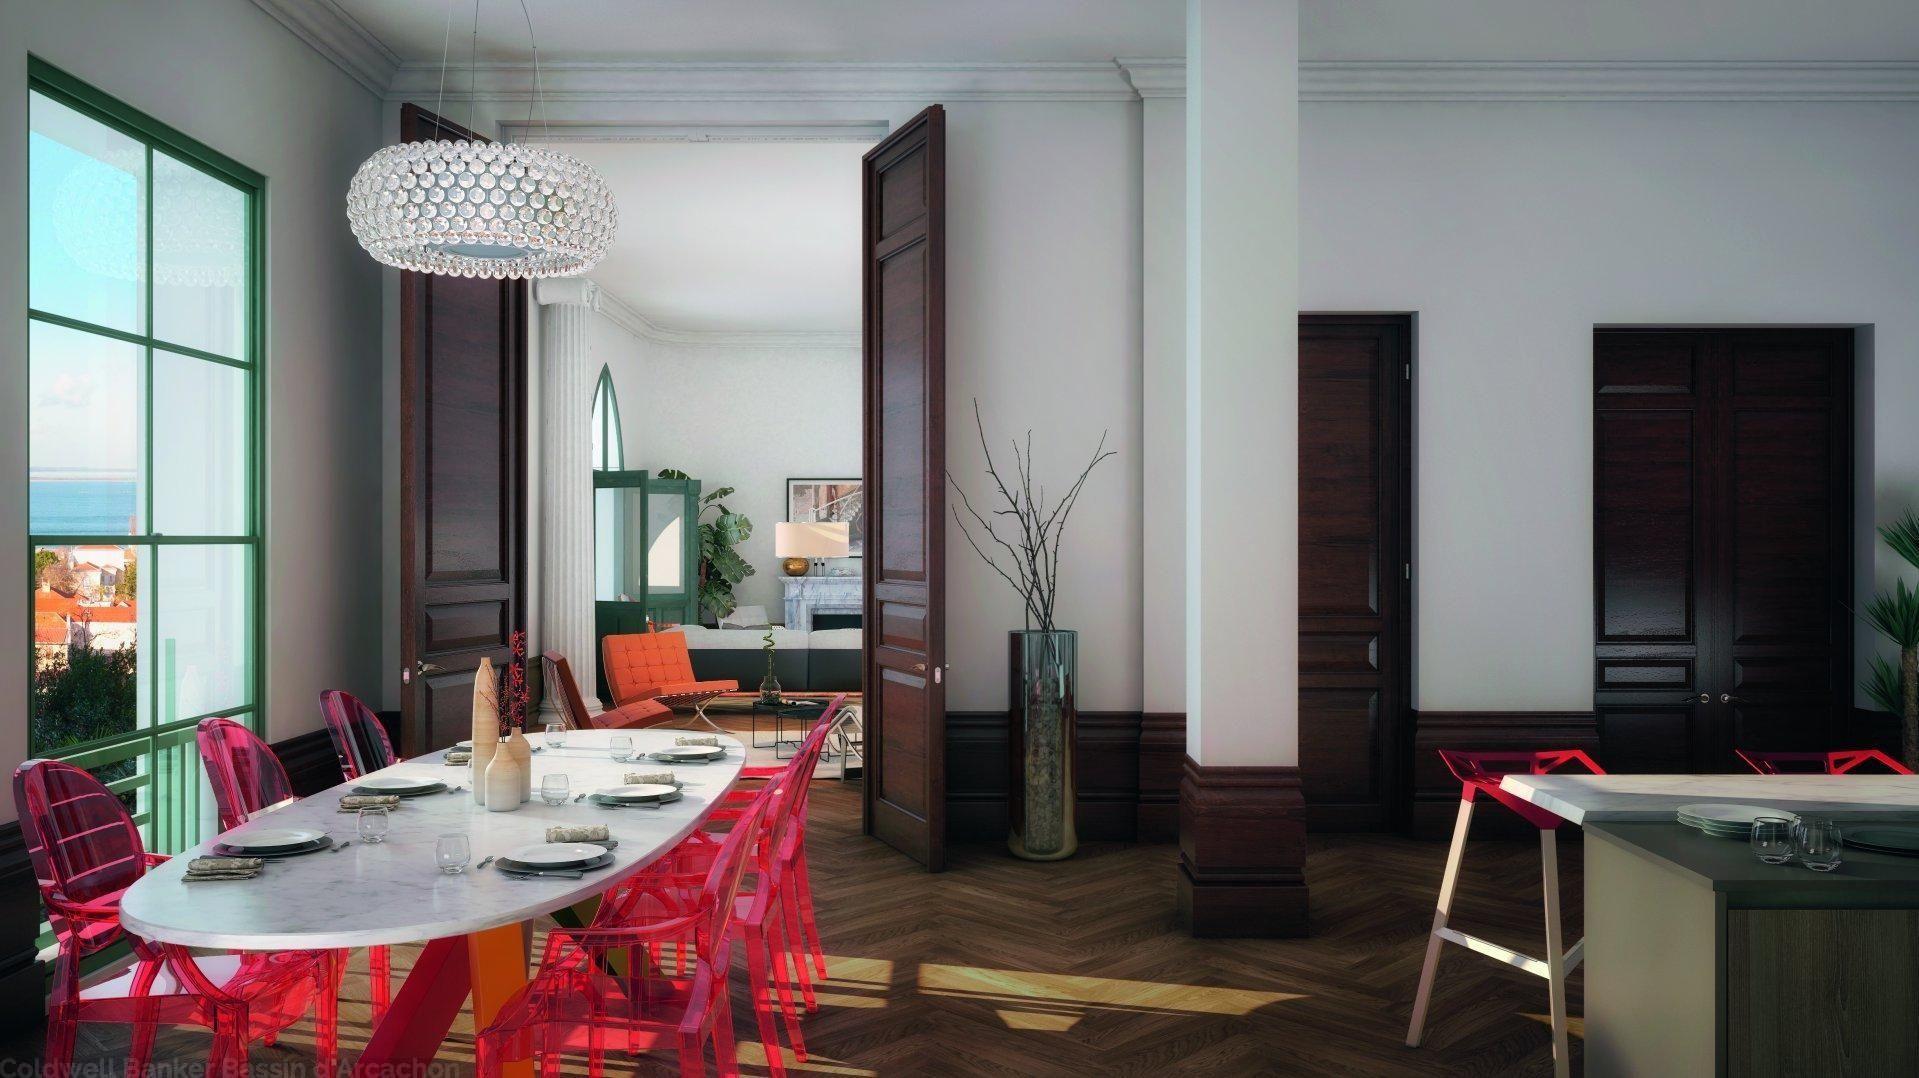 Les 47 meilleures images du tableau Salons salles  manger